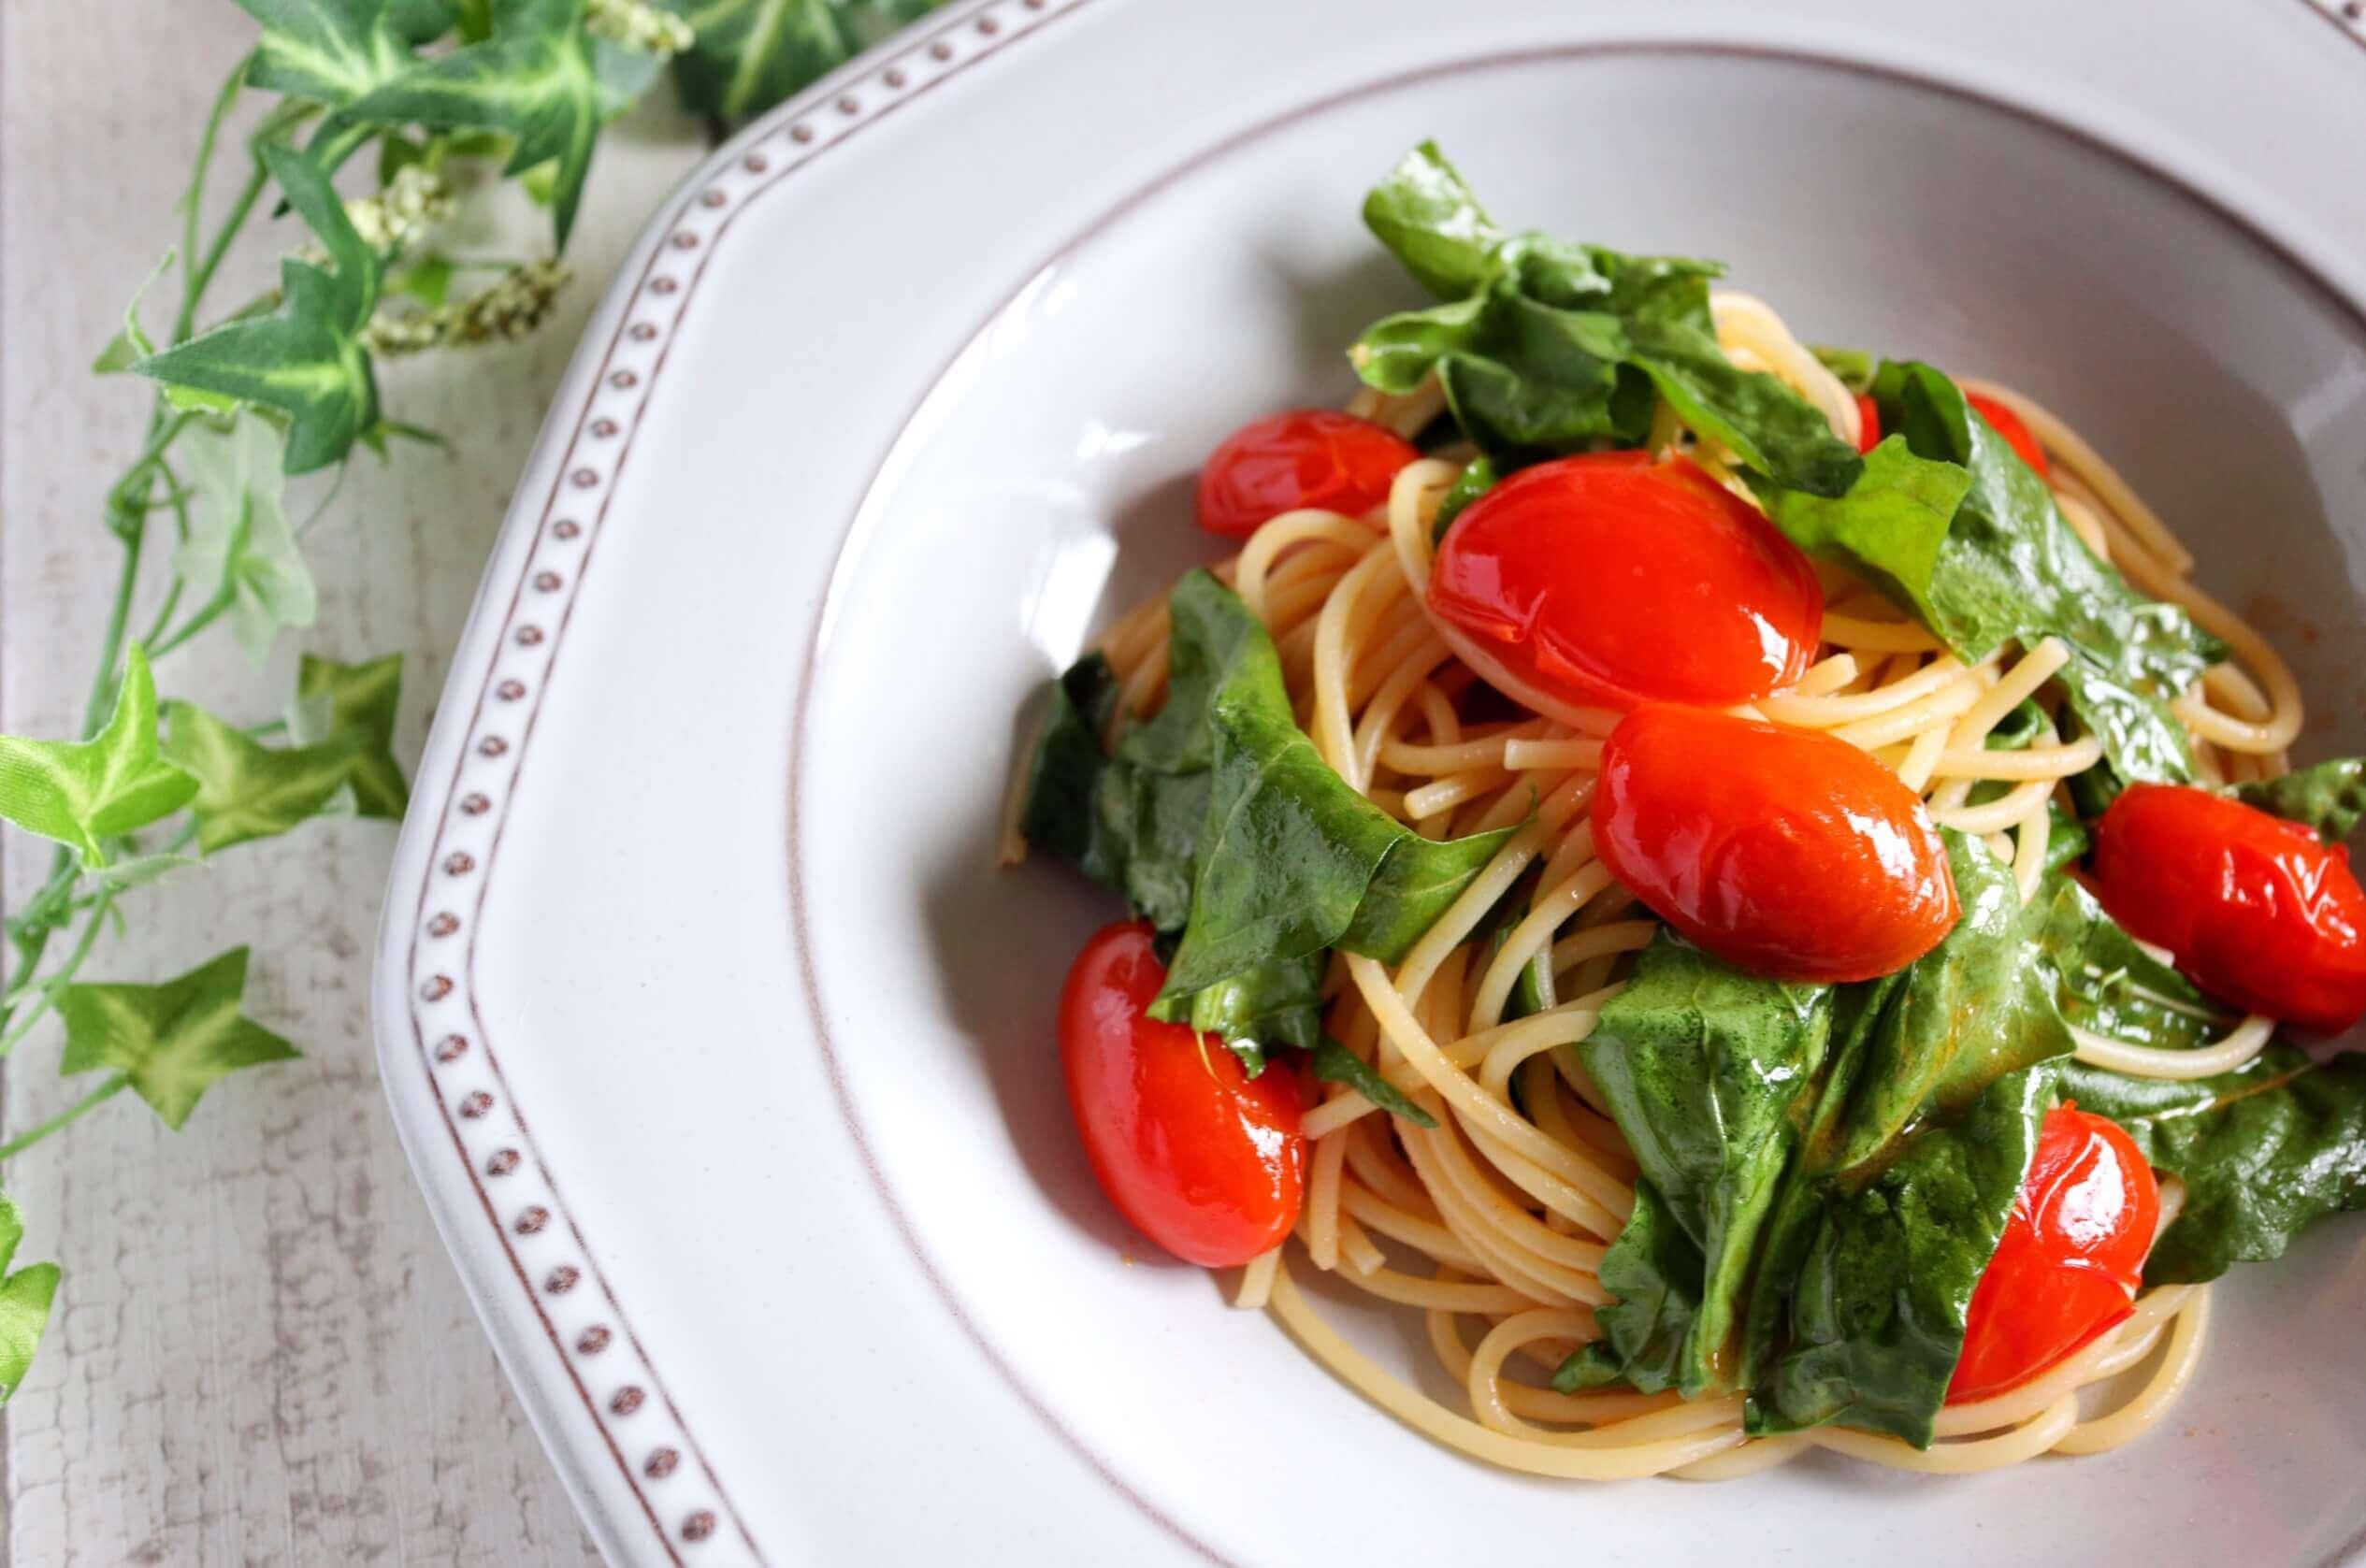 【超簡単!】ミニトマトとルッコラのパスタのレシピ